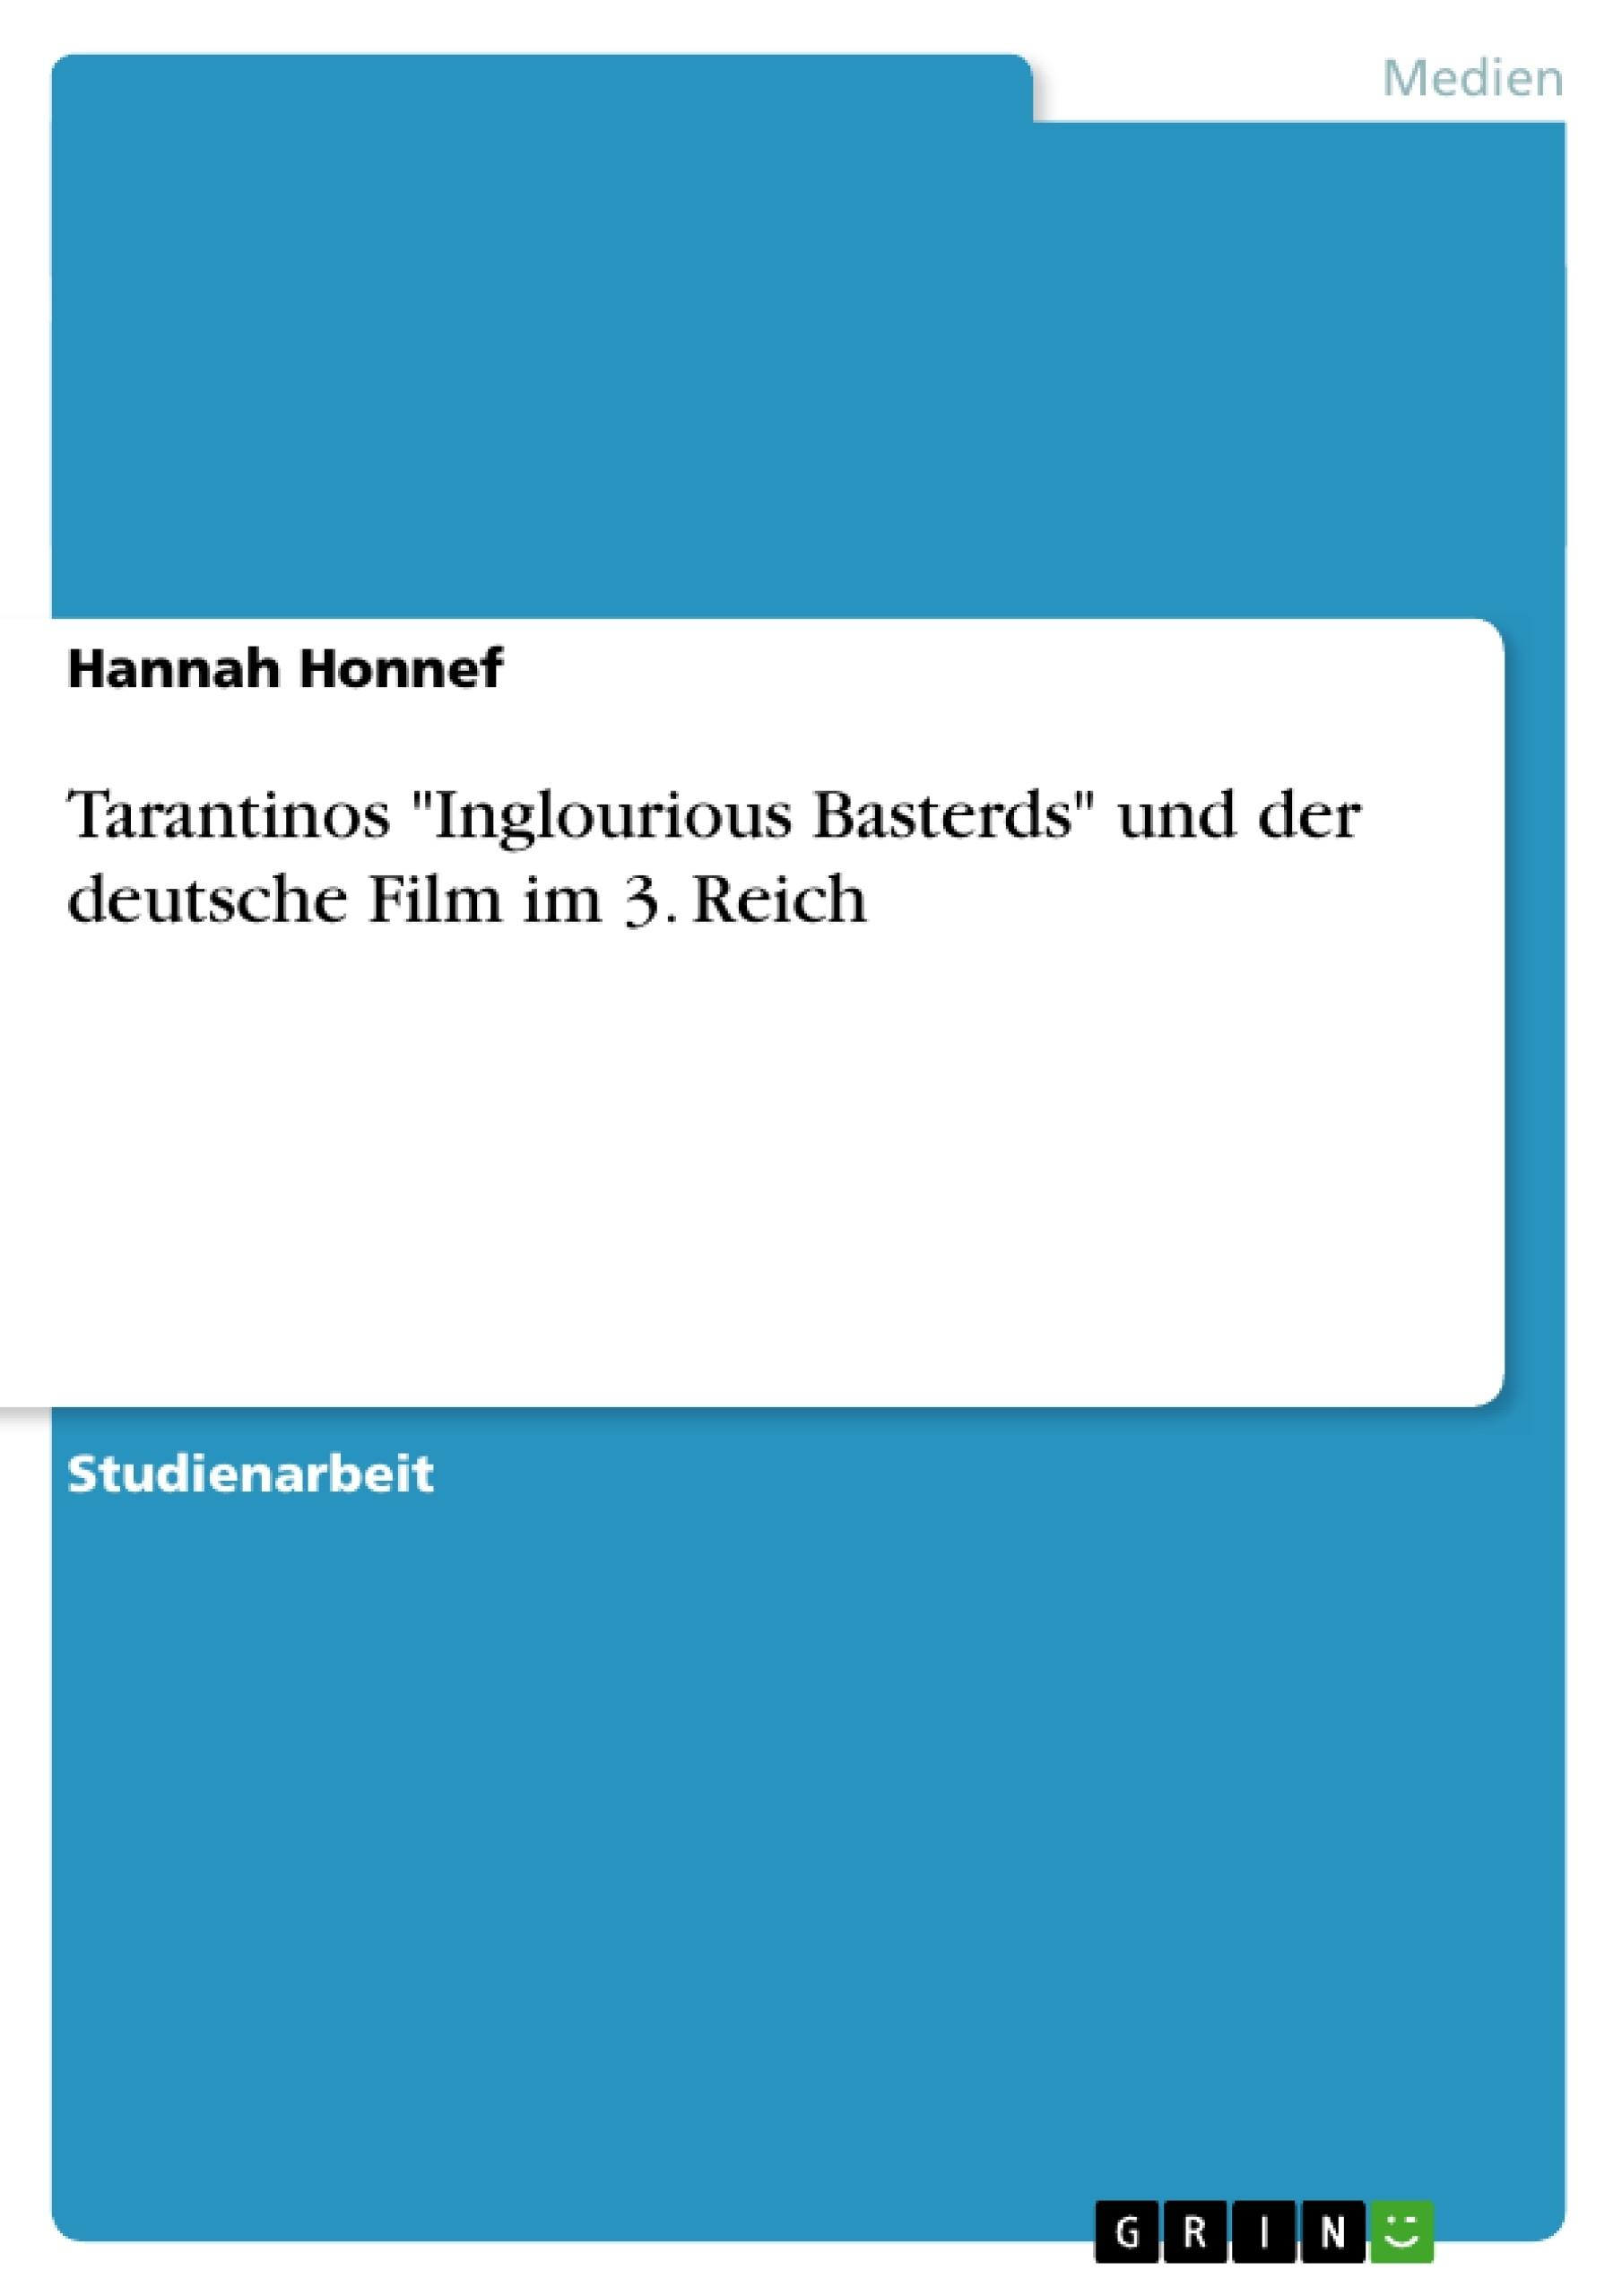 """Titel: Tarantinos """"Inglourious Basterds"""" und der deutsche Film im 3. Reich"""